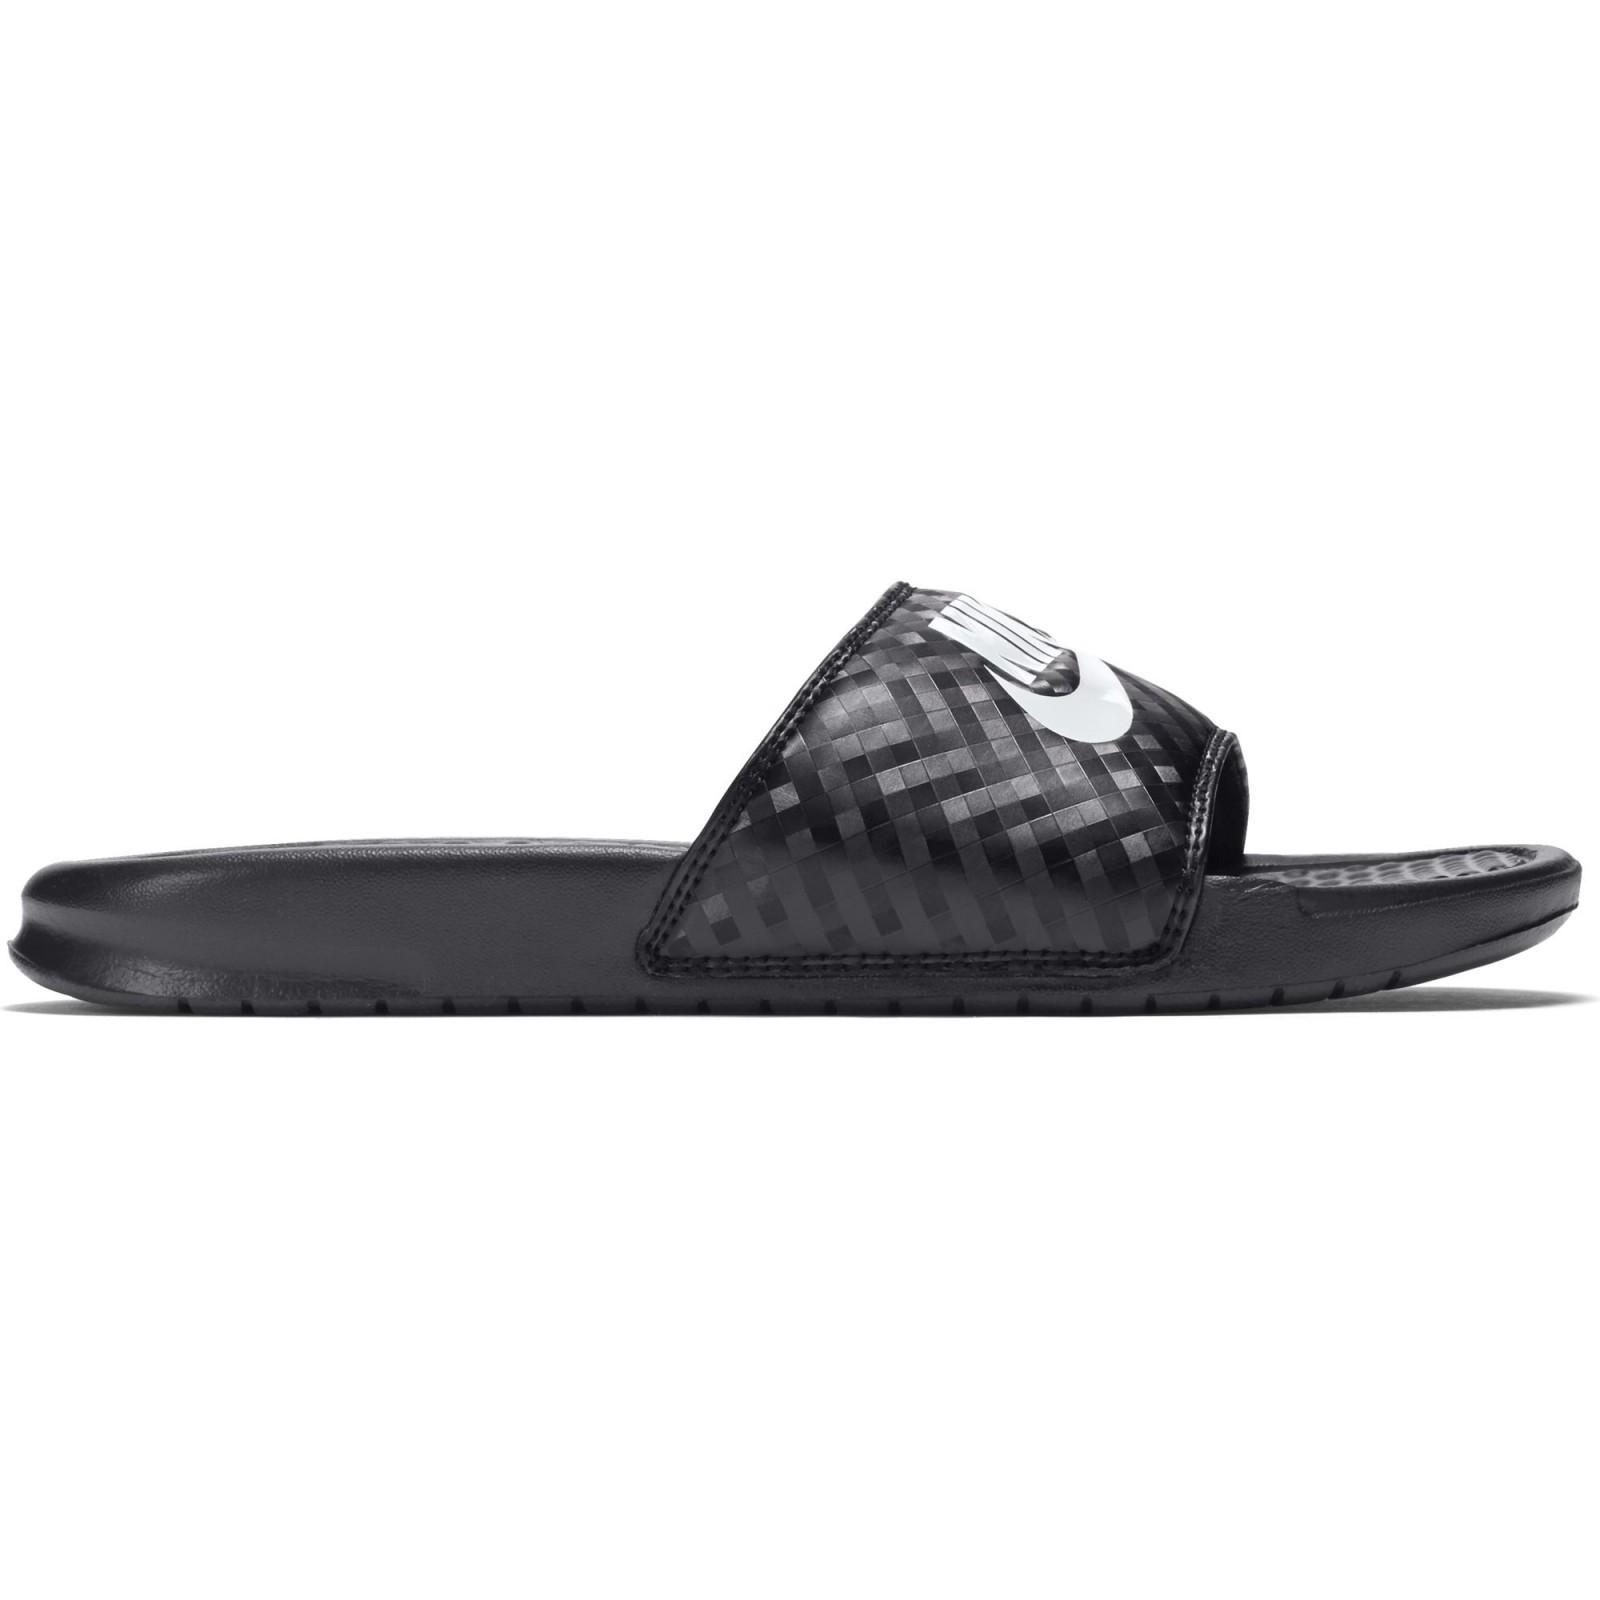 Nike Benassi Chanclas Mujer 343881 011|Comprar Nike Benassi ...